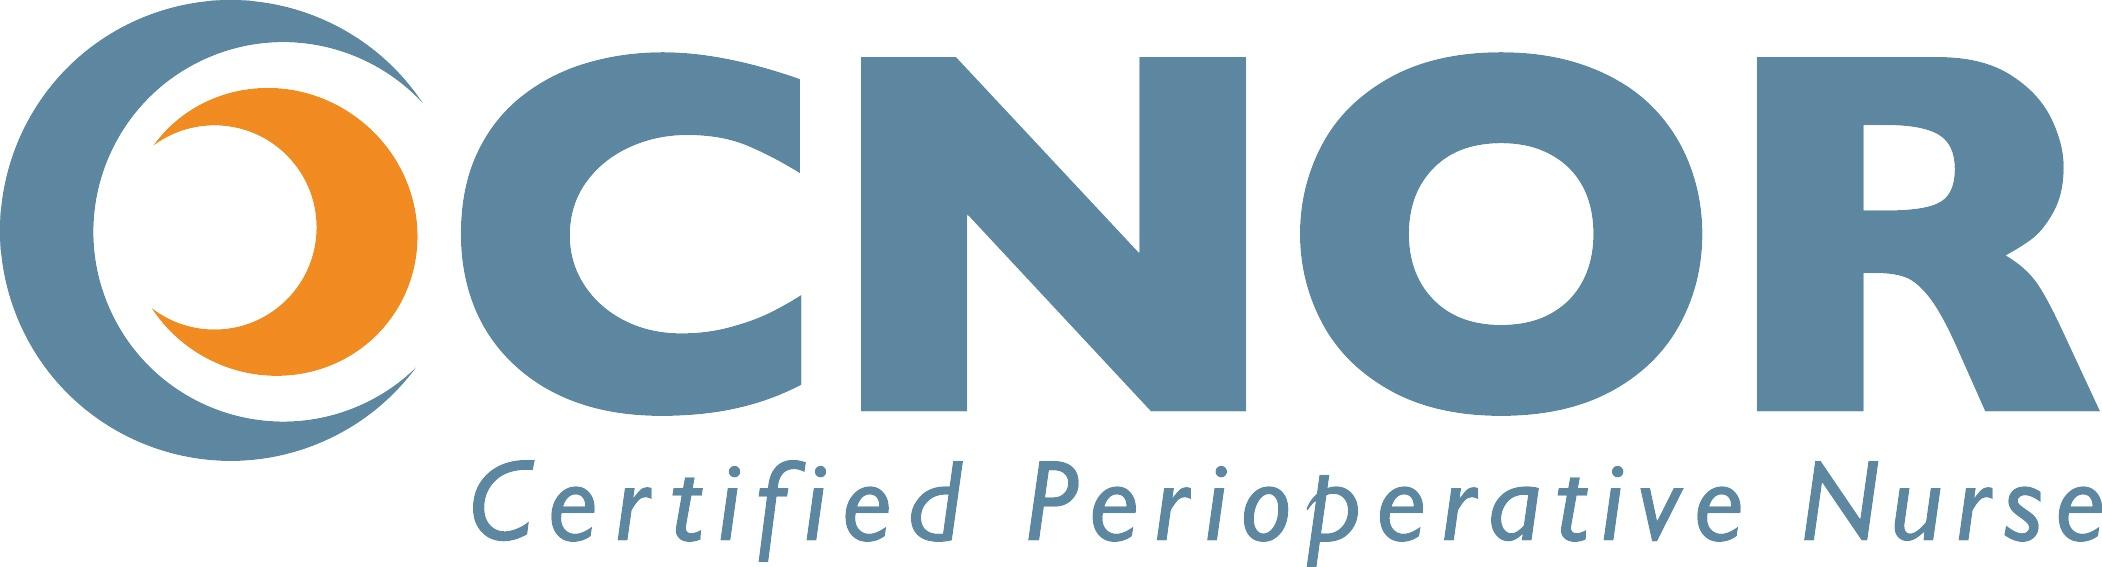 CNOR_logo 2.jpg